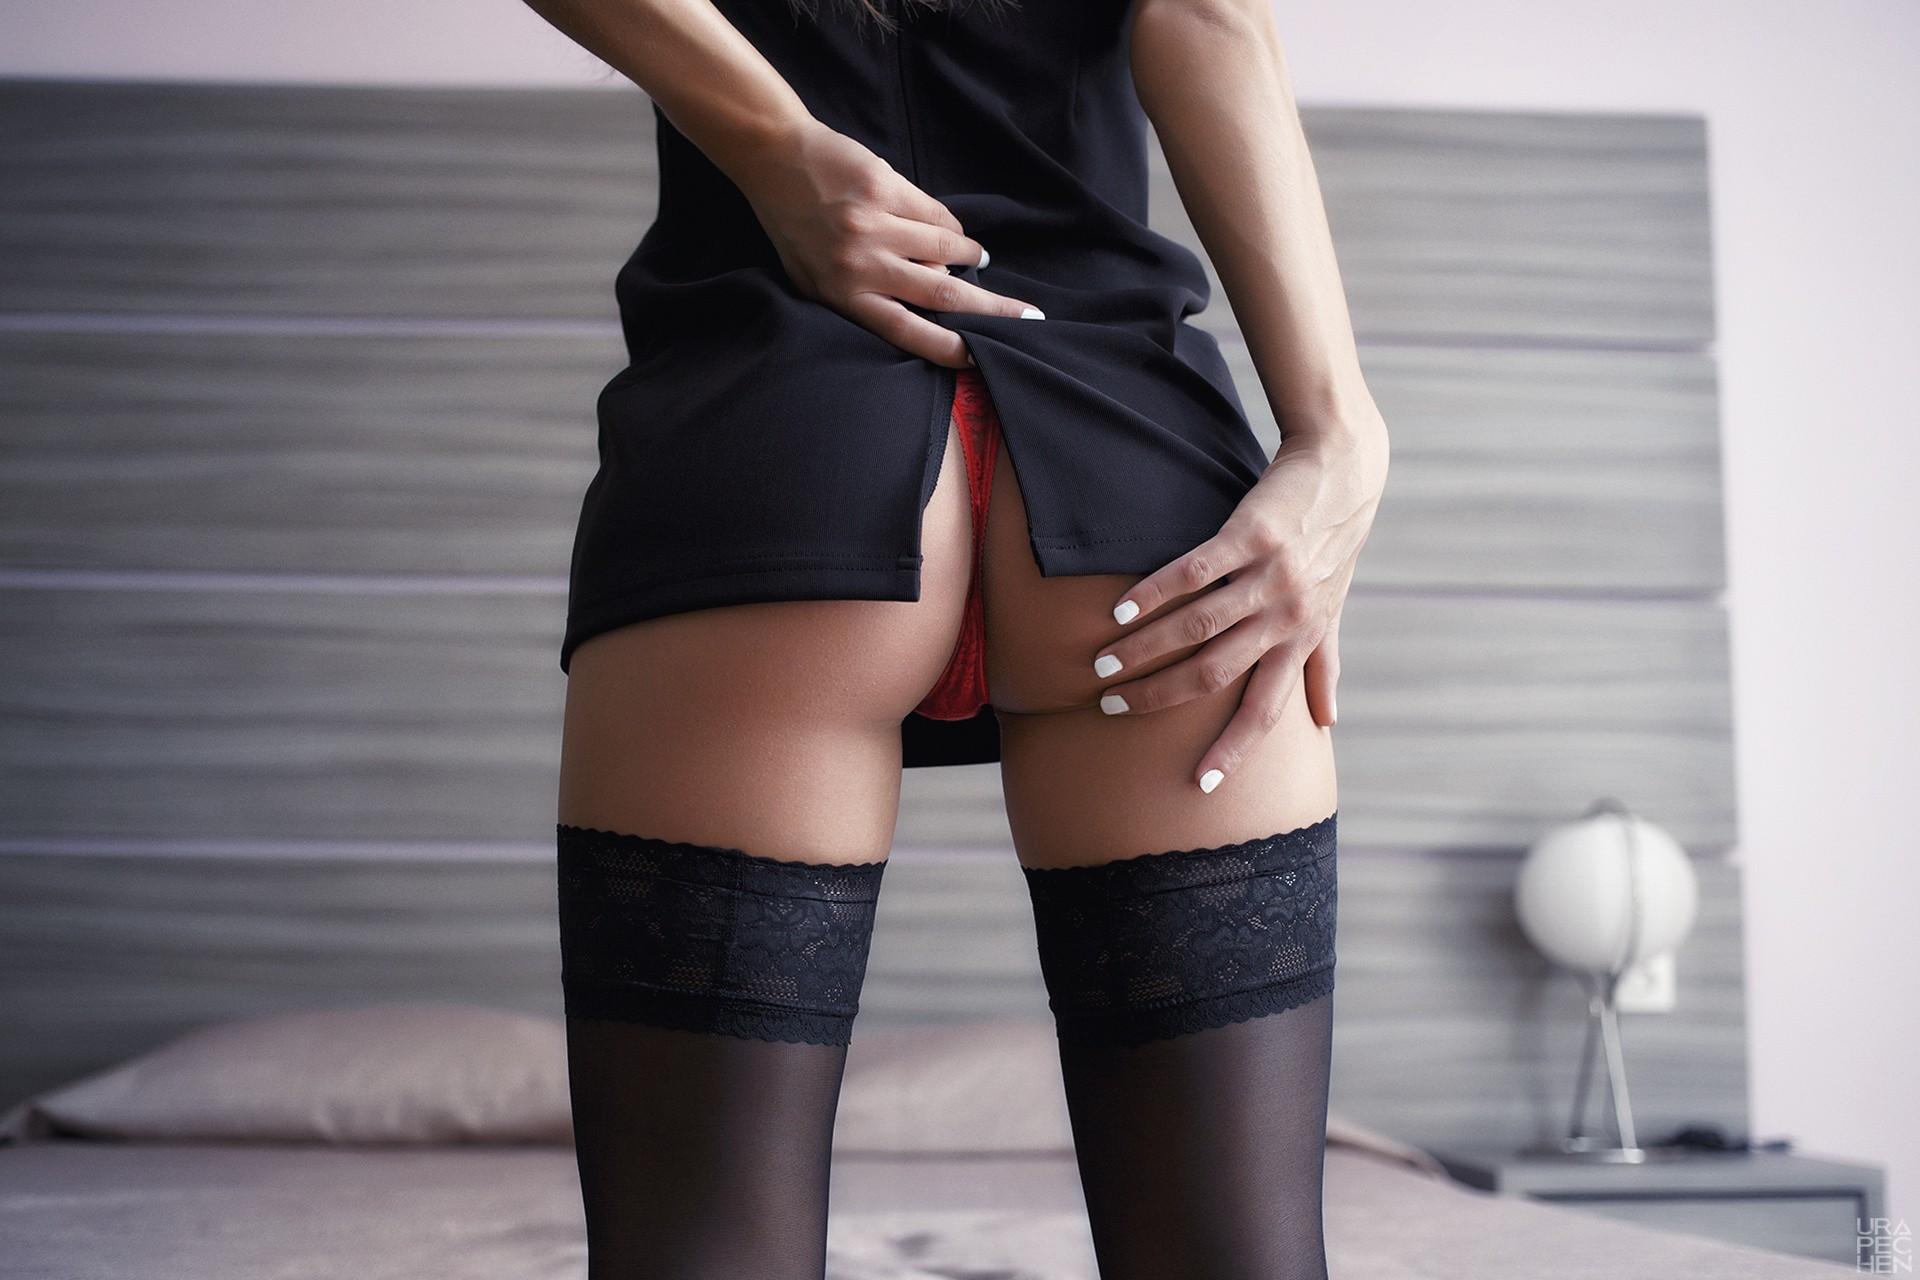 Черные чулки платье и нет трусиков